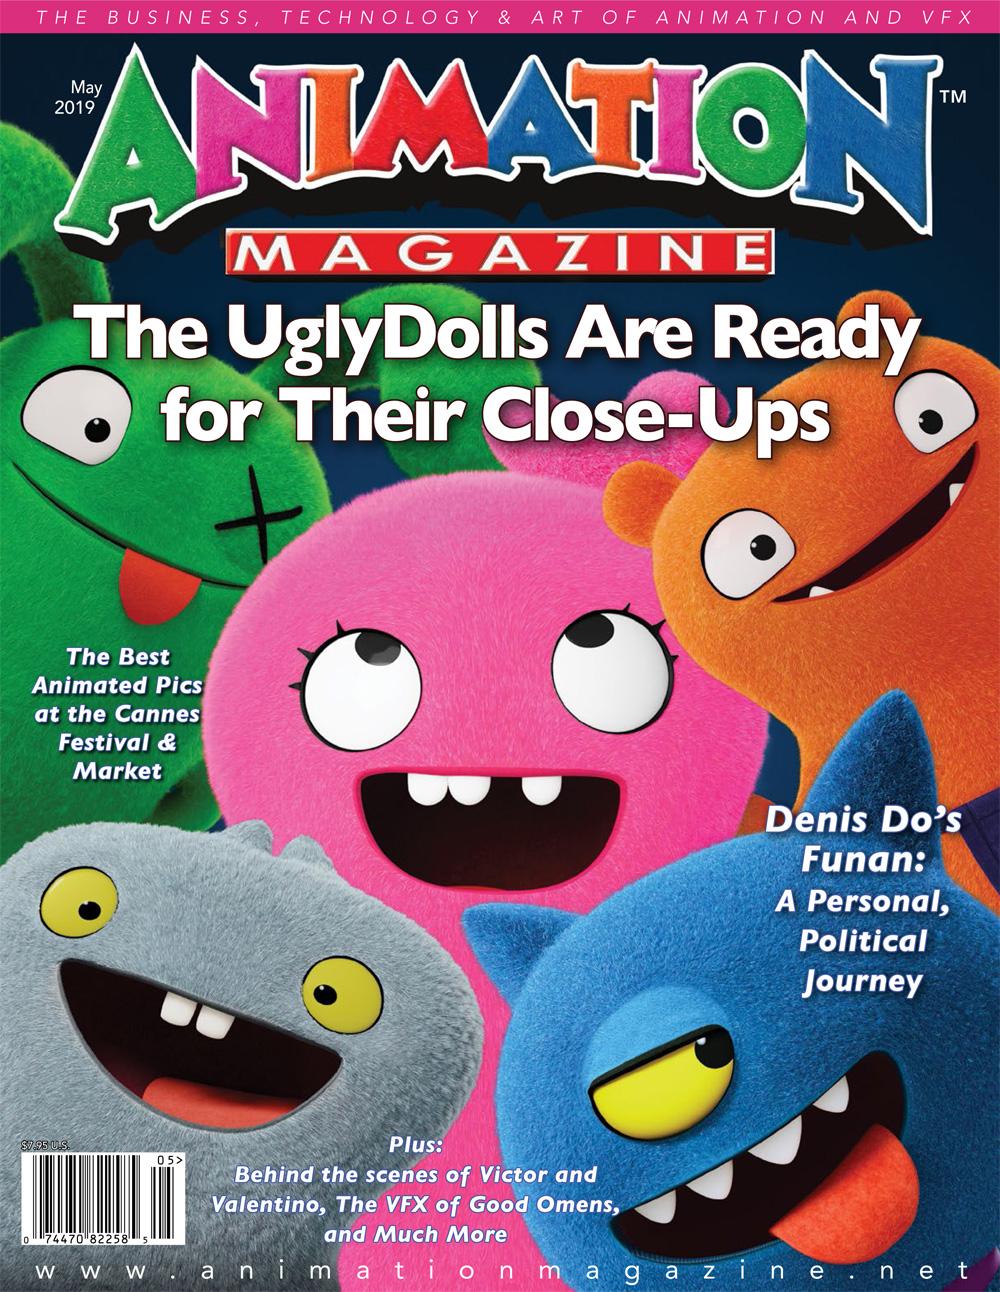 Animation Magazine - #290 May 2019